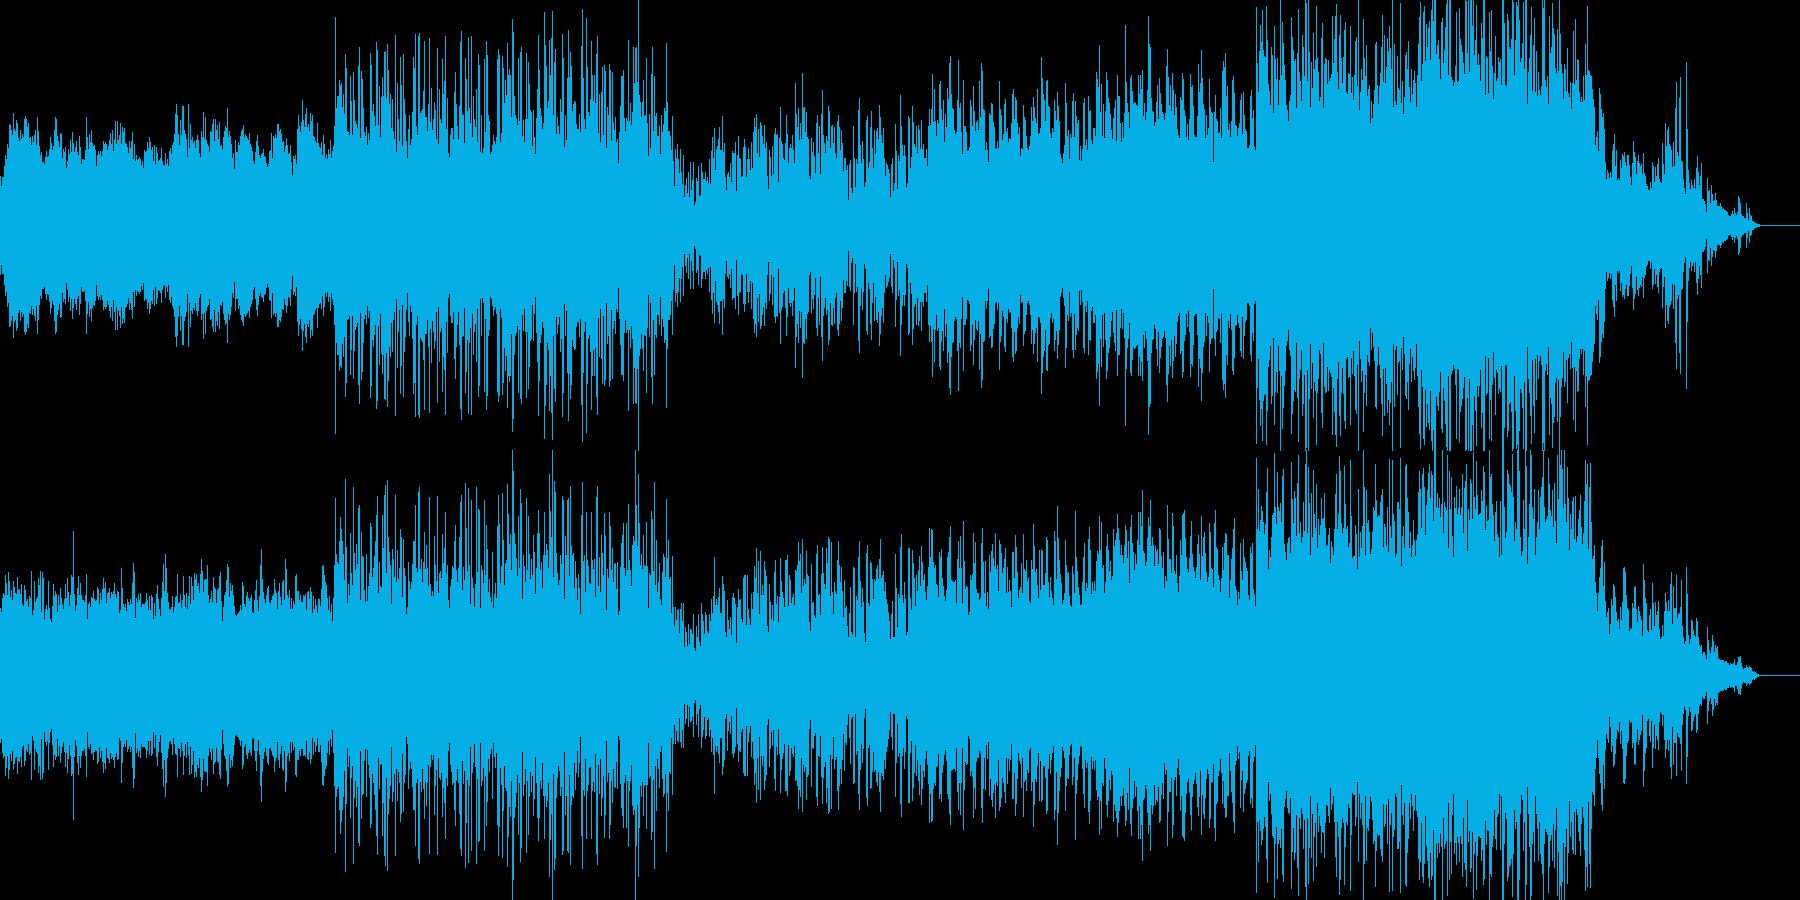 映像、背景的音楽ー濃霧の再生済みの波形